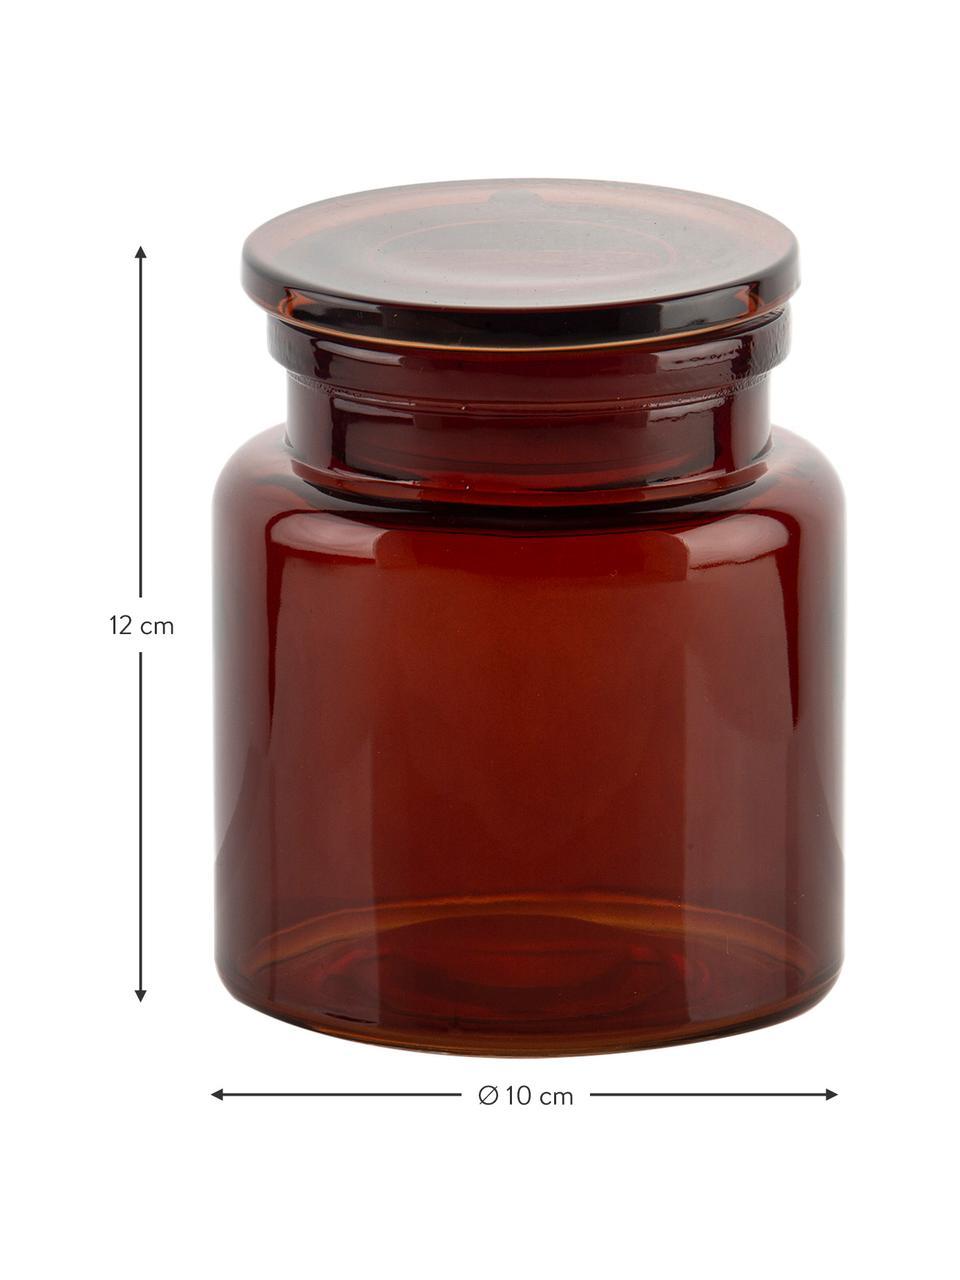 Pojemnik do przechowywania  Dorsey, Szklanka, Brązowy, Ø 10 x W 12 cm